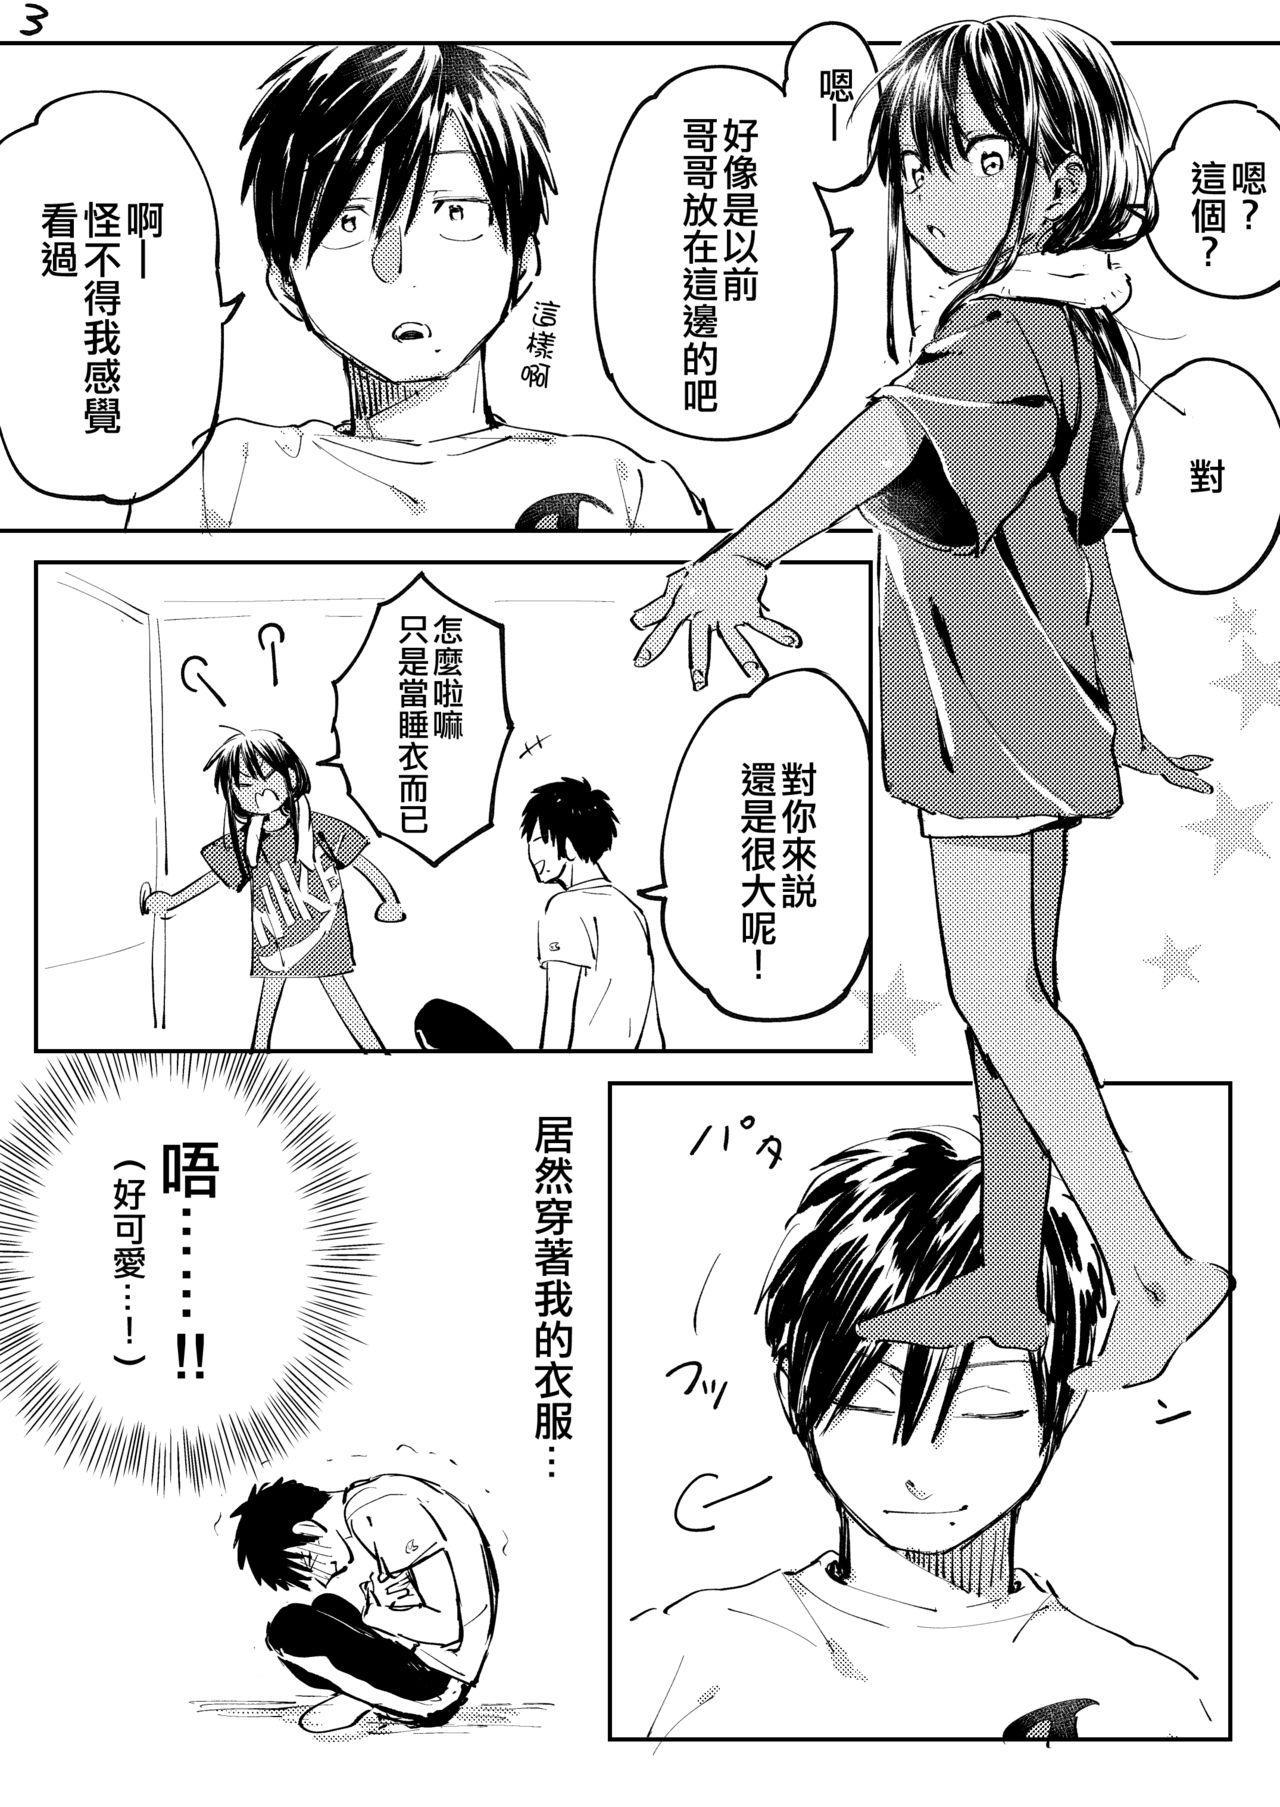 Inaka ni Kaeru to Yakeni Jiben ni Natsuita Kasshoku Ponytail Shota ga Iru 10